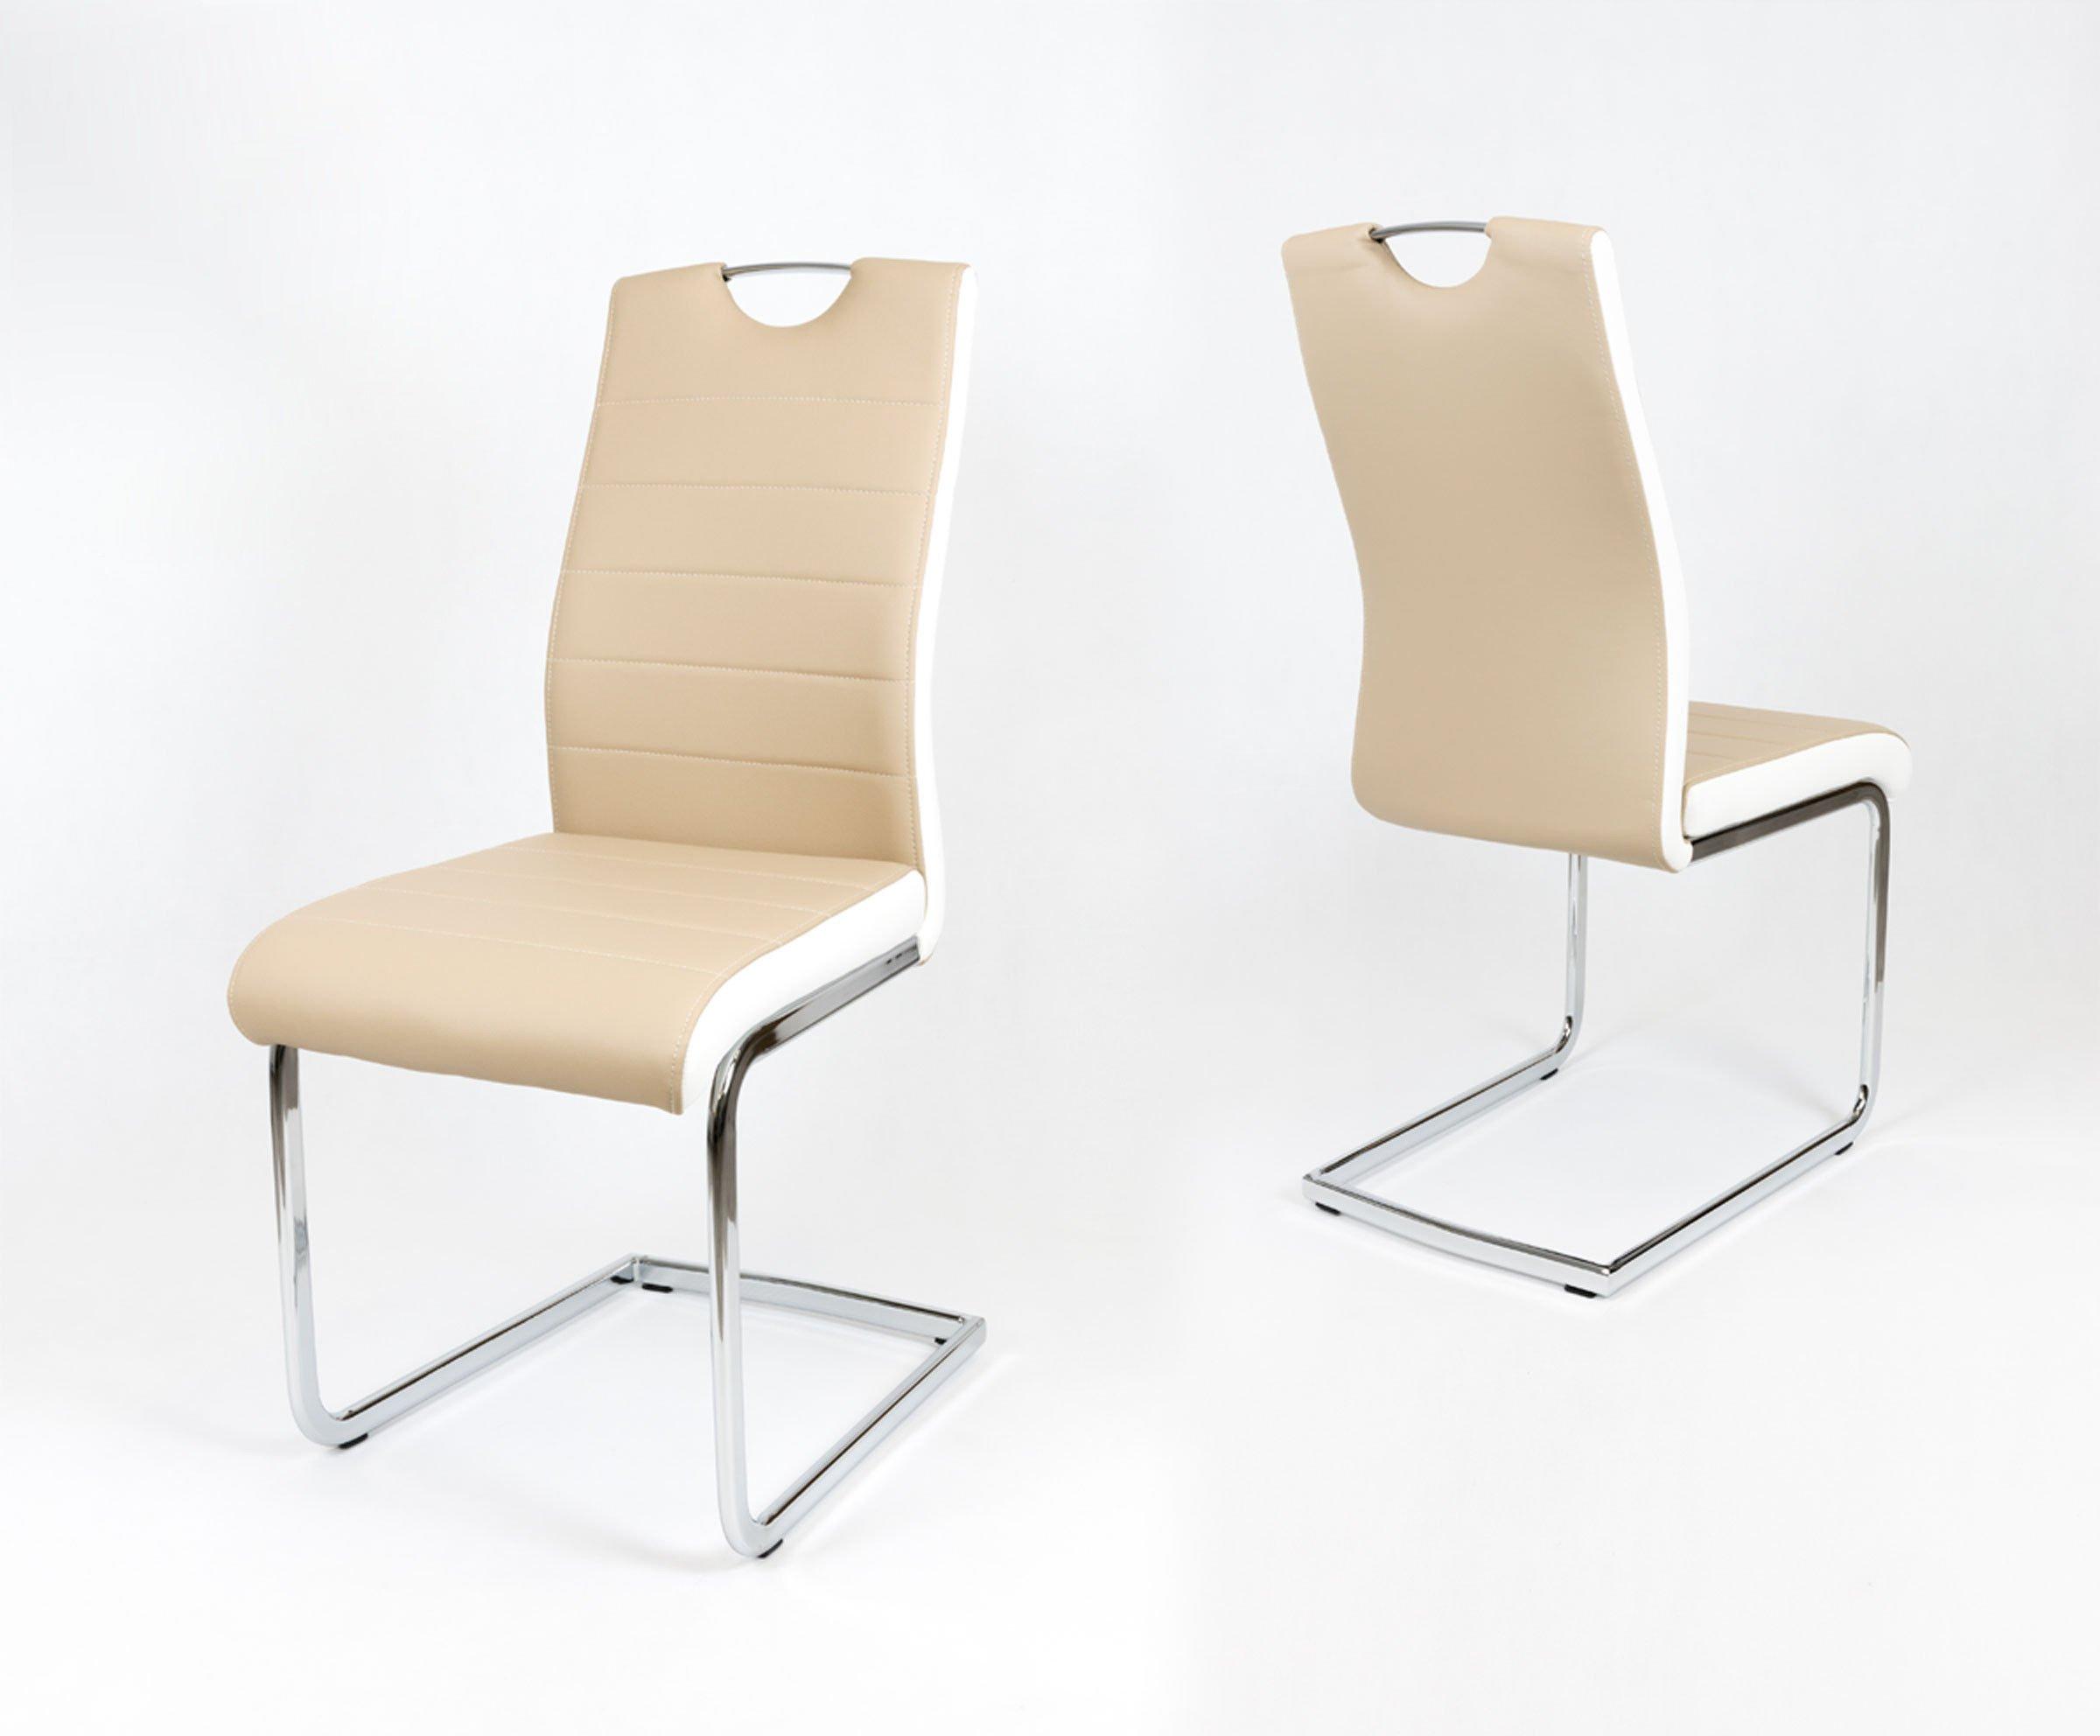 Inspirierend Beige Stühle Das Beste Von Kliknij, Aby Powiększyć